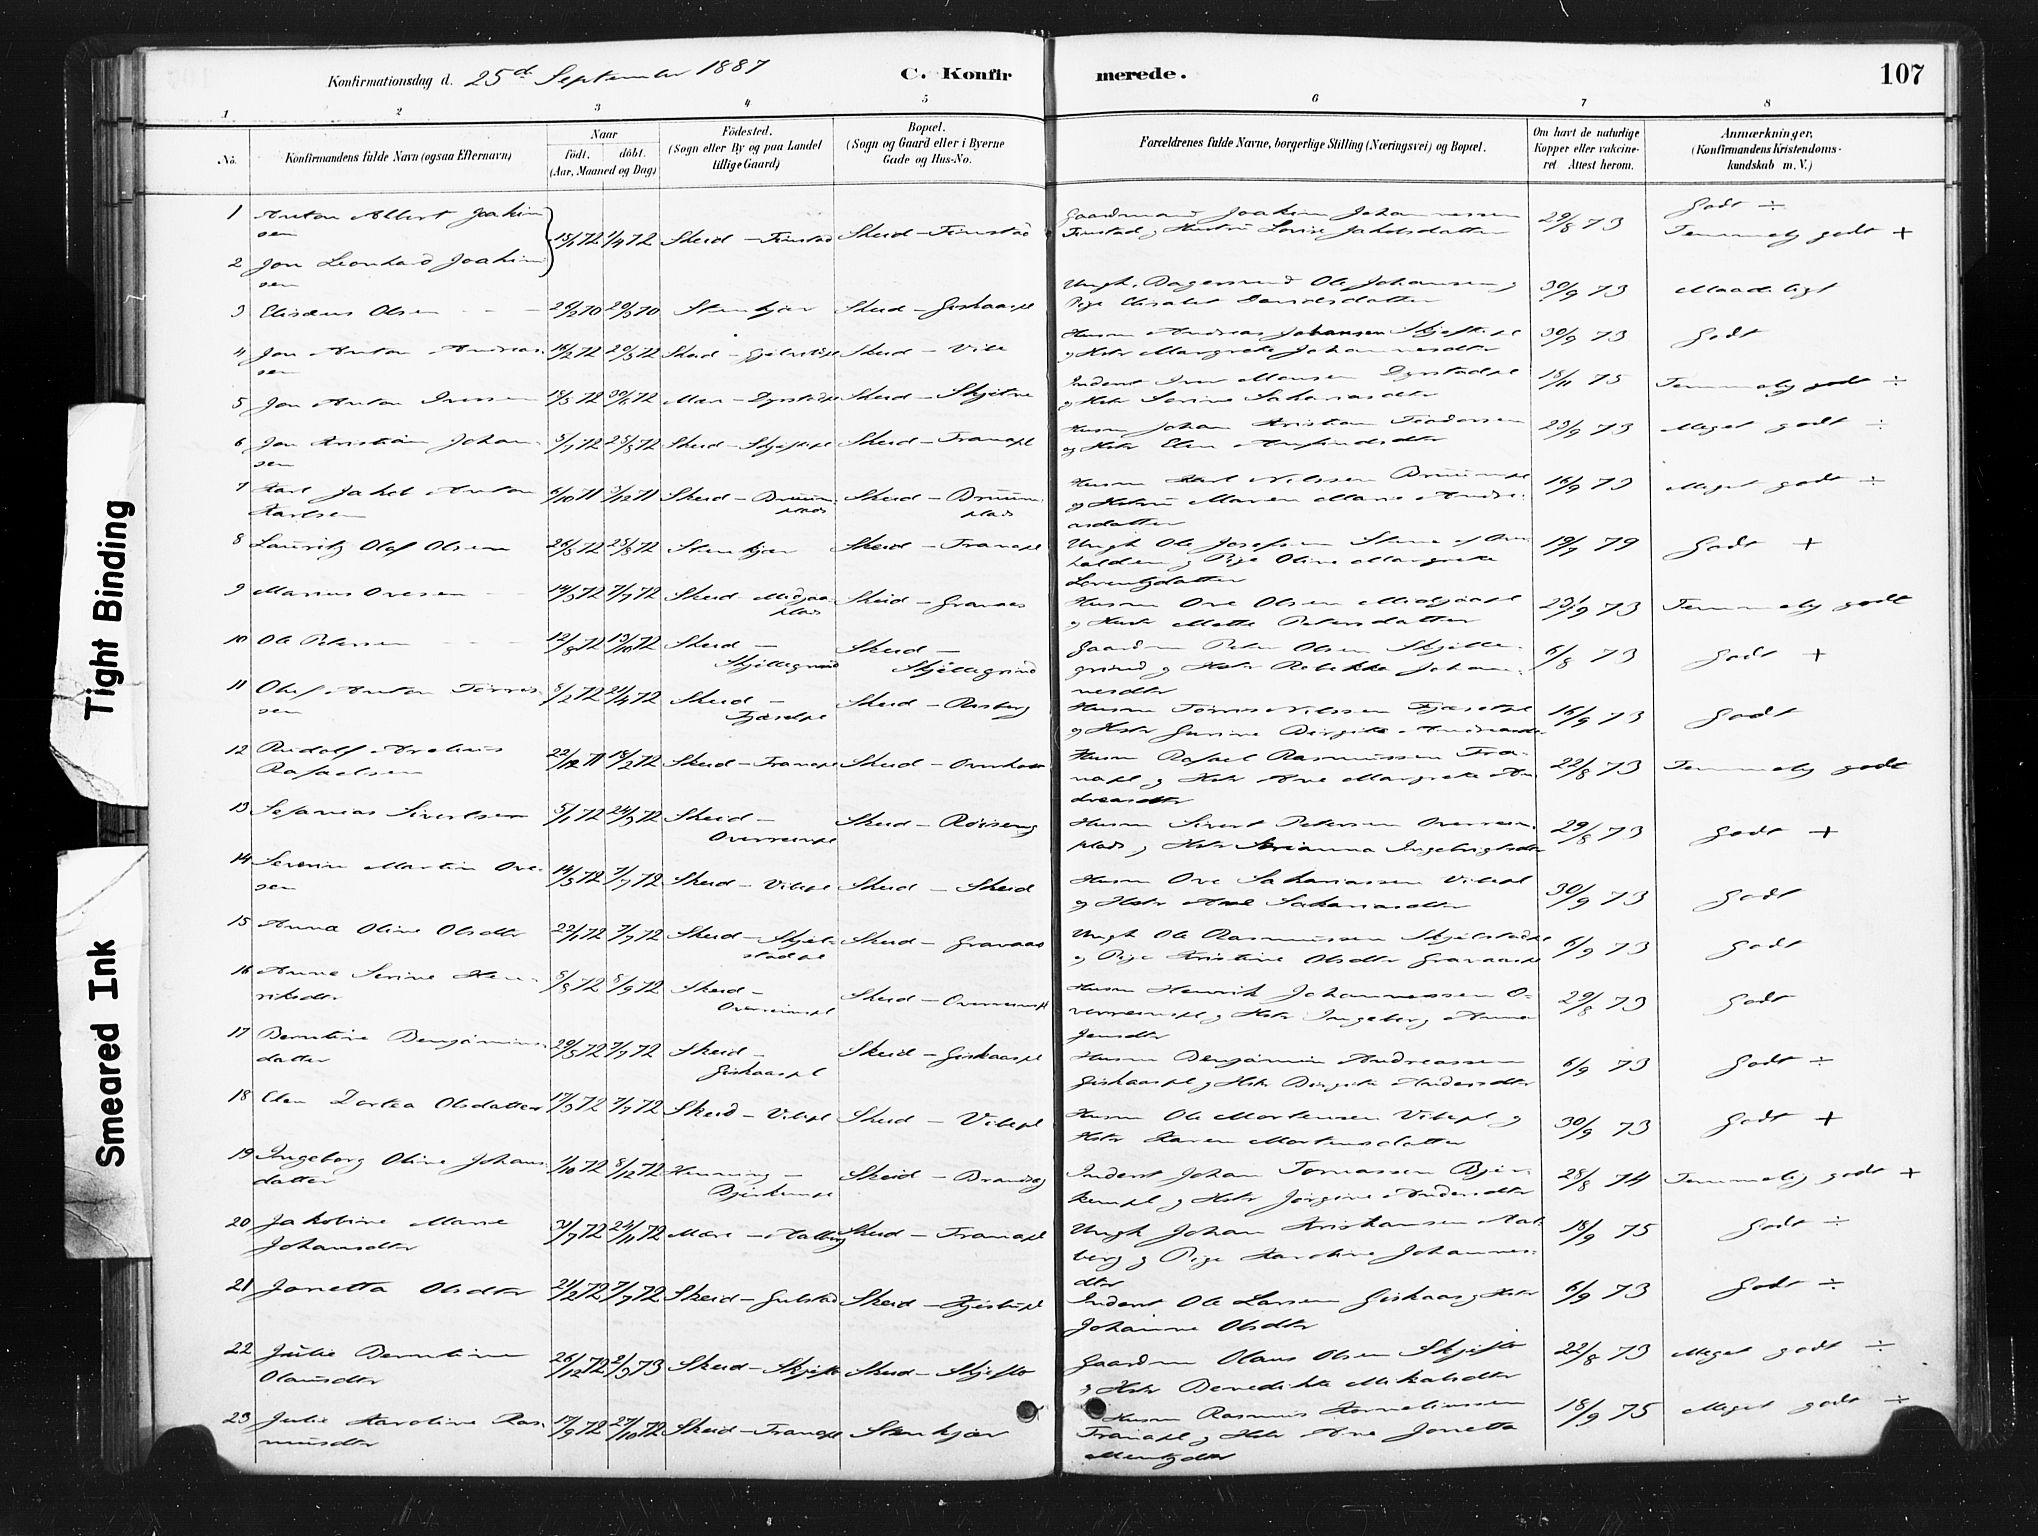 SAT, Ministerialprotokoller, klokkerbøker og fødselsregistre - Nord-Trøndelag, 736/L0361: Ministerialbok nr. 736A01, 1884-1906, s. 107